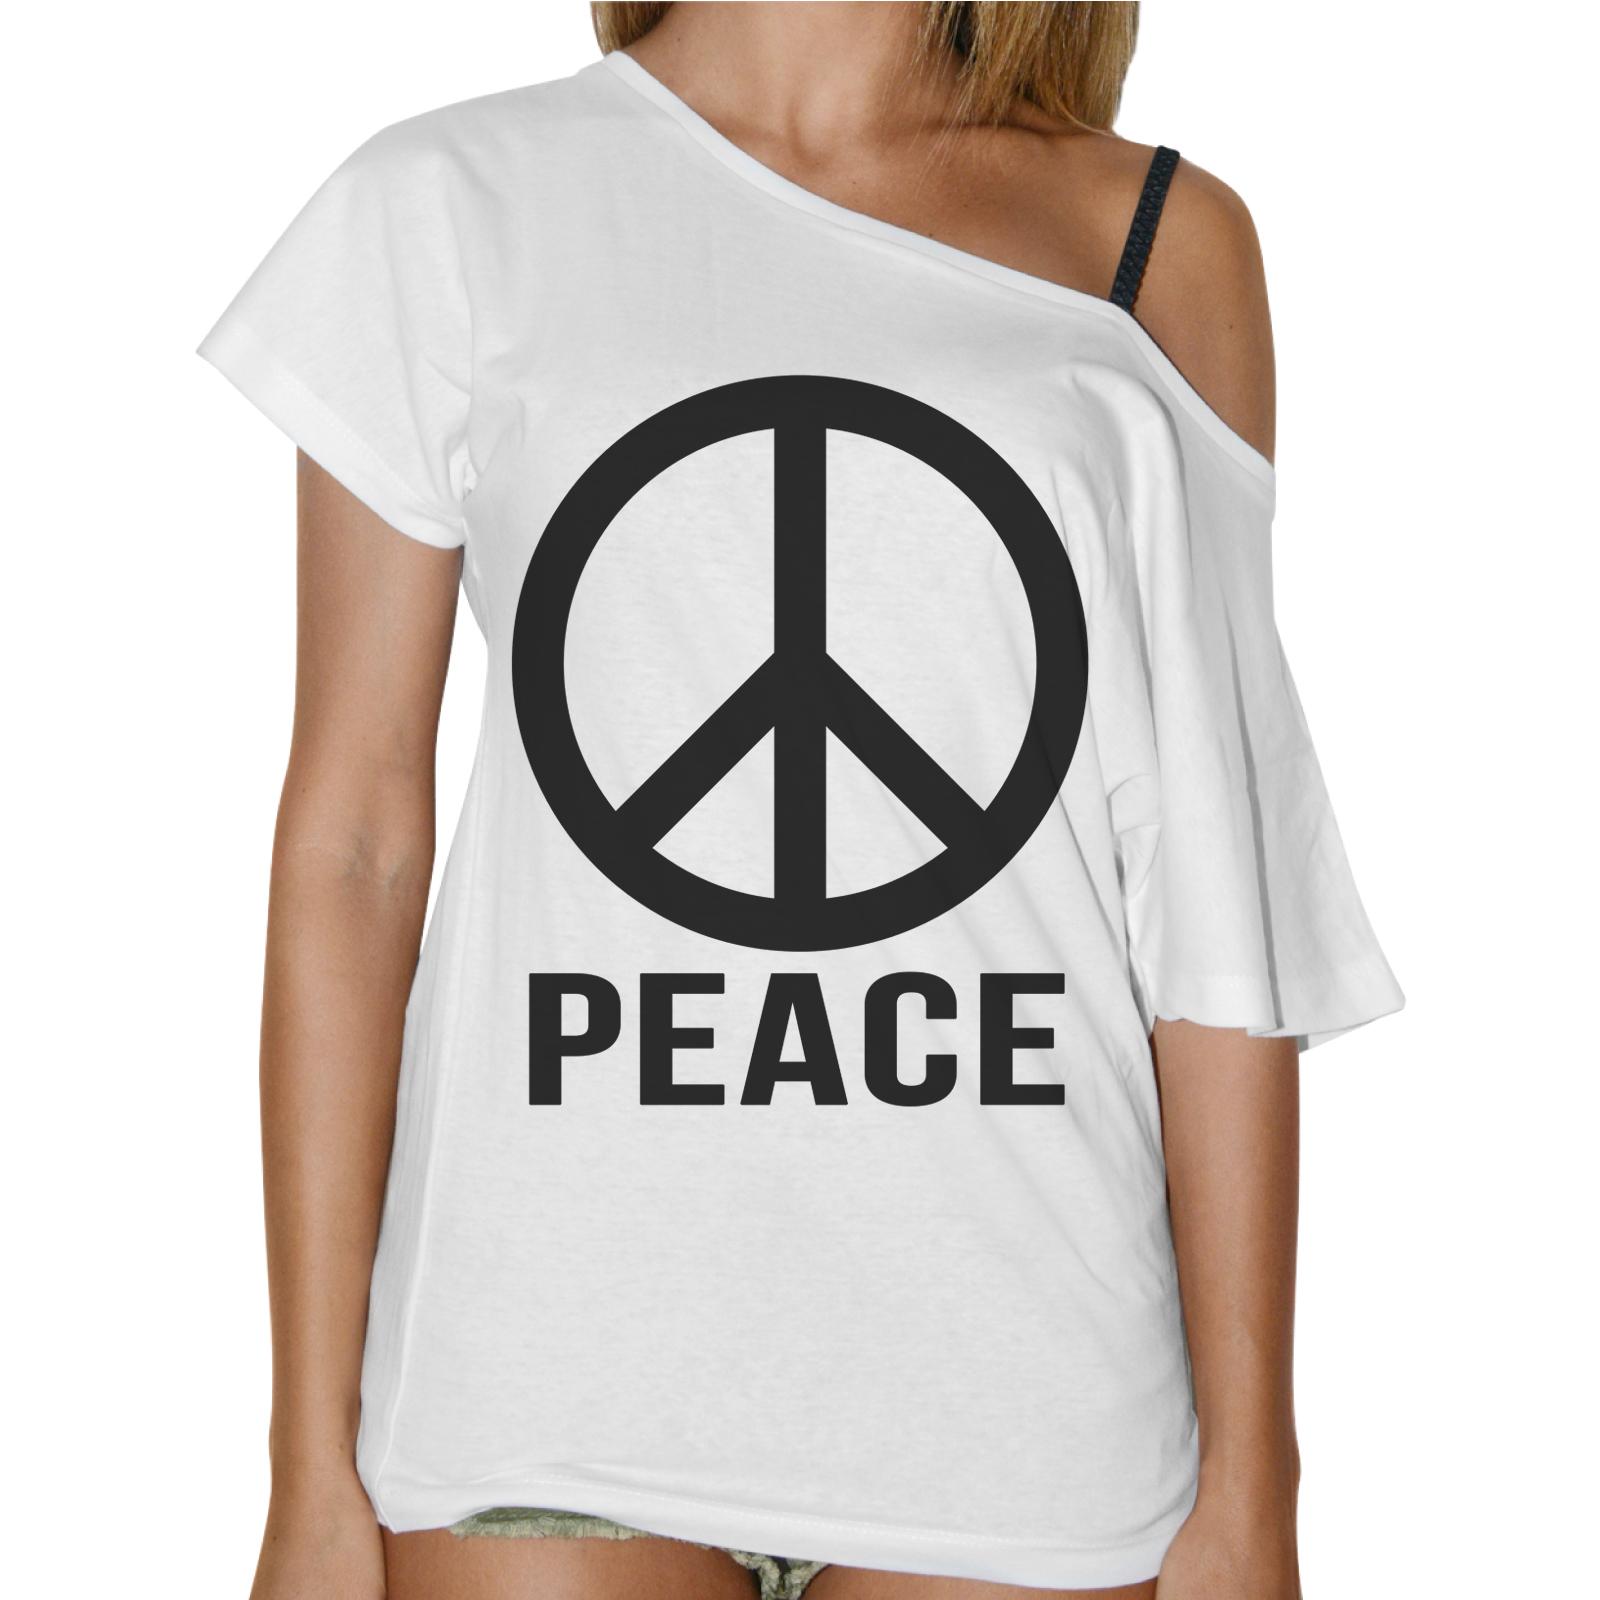 T-Shirt Donna Collo Barca PEACE